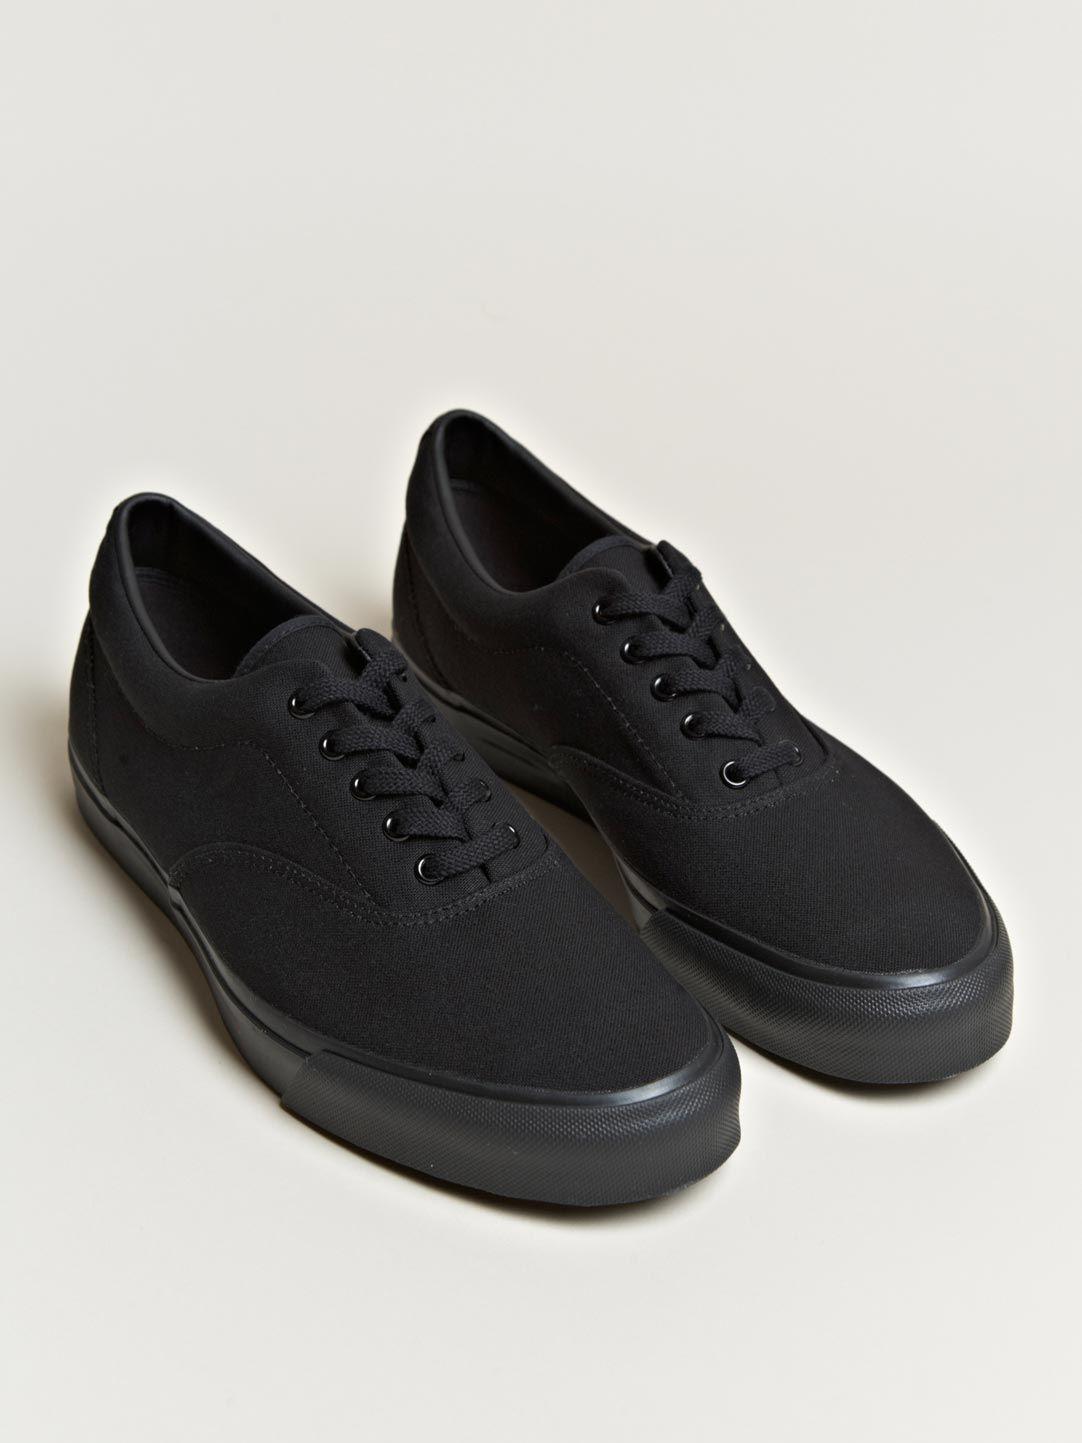 b6eb4db0fcafb1 Comme Des Garçons Homme + Men s Canvas Shoes